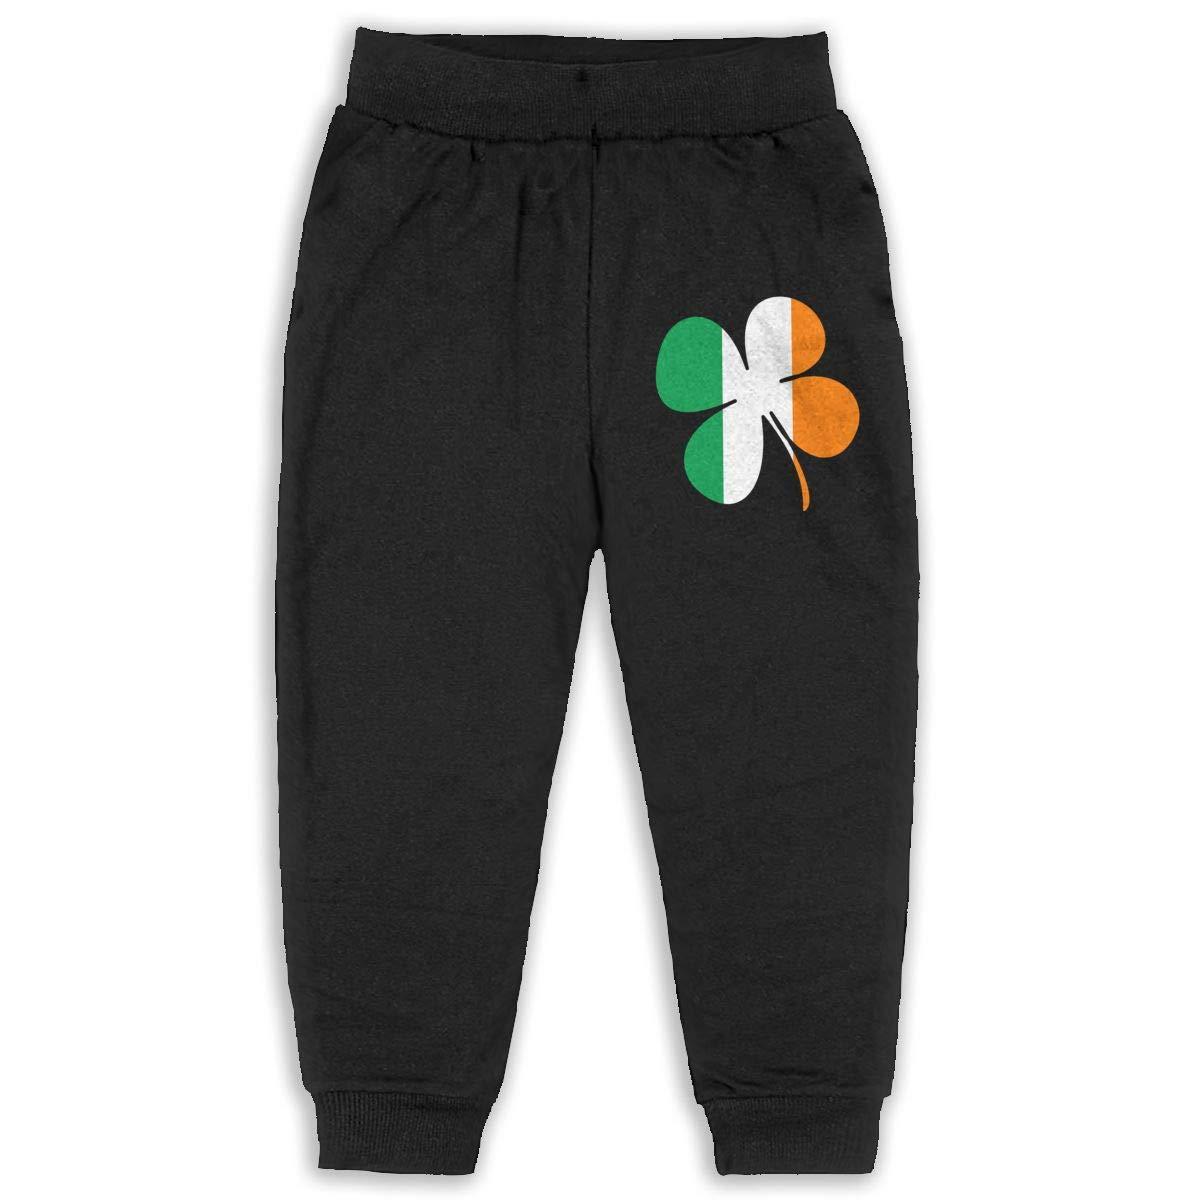 BABALOVE Irish Flag with Shamrocks Youth Soft and Cozy Sweatpants